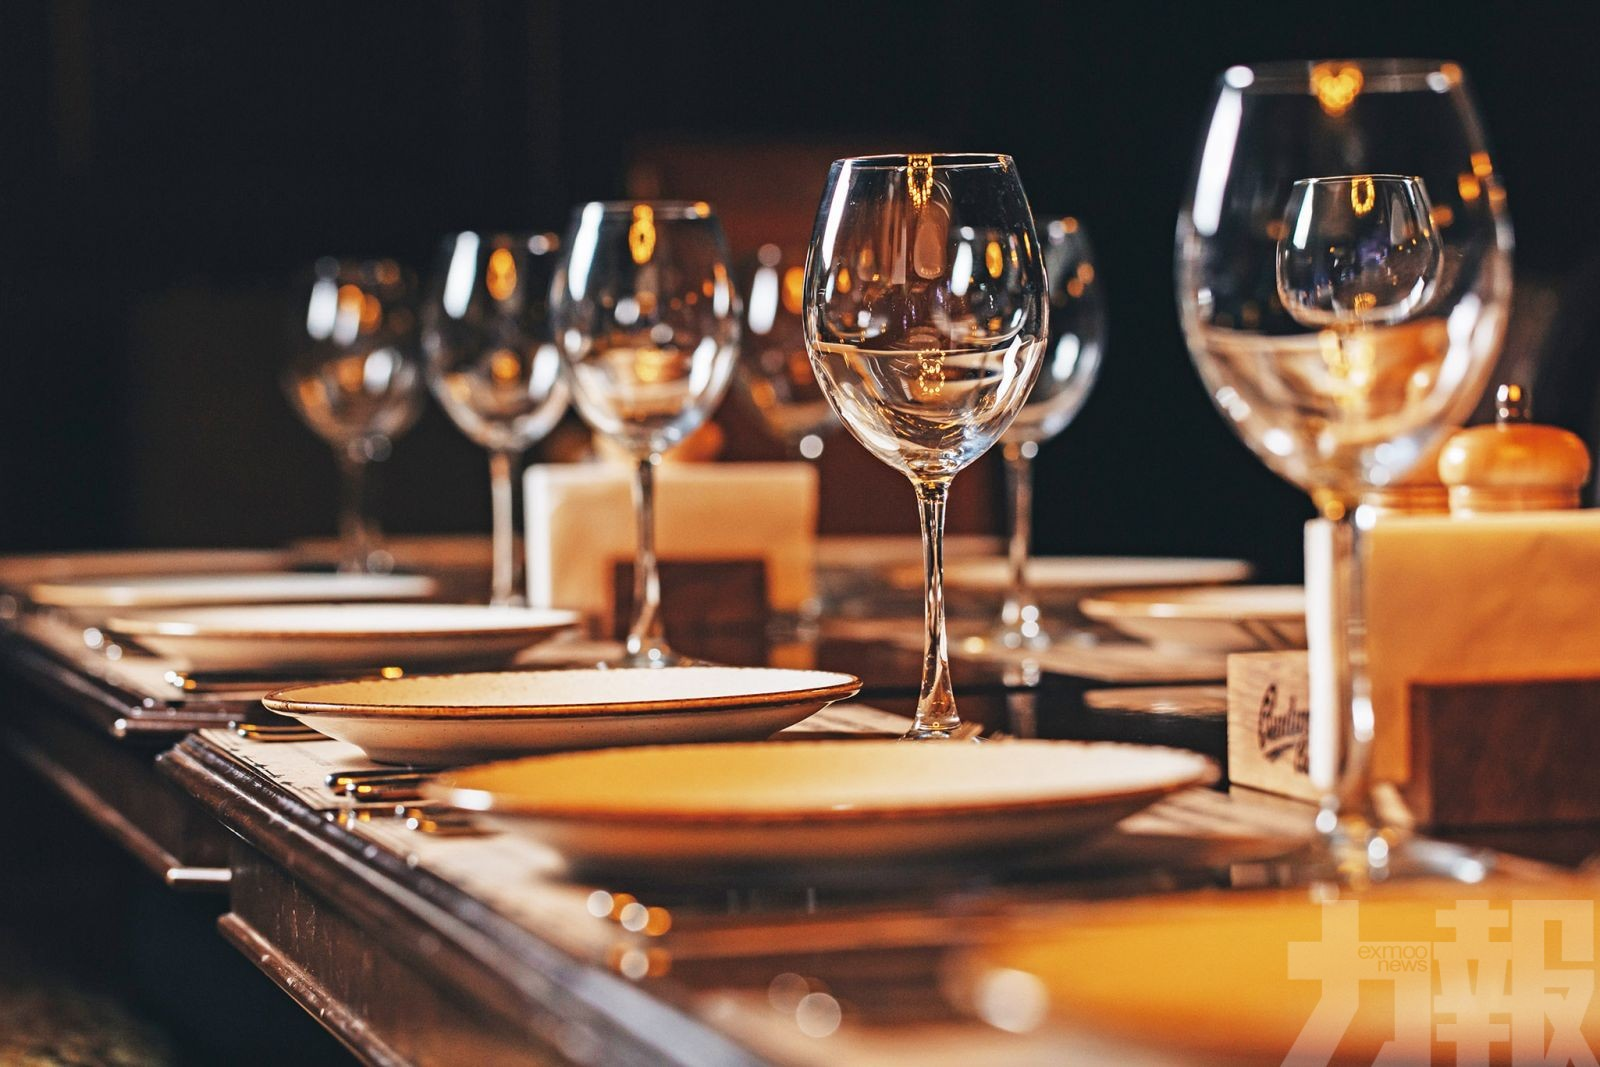 下周一實施 私人聚會如婚宴等不強制